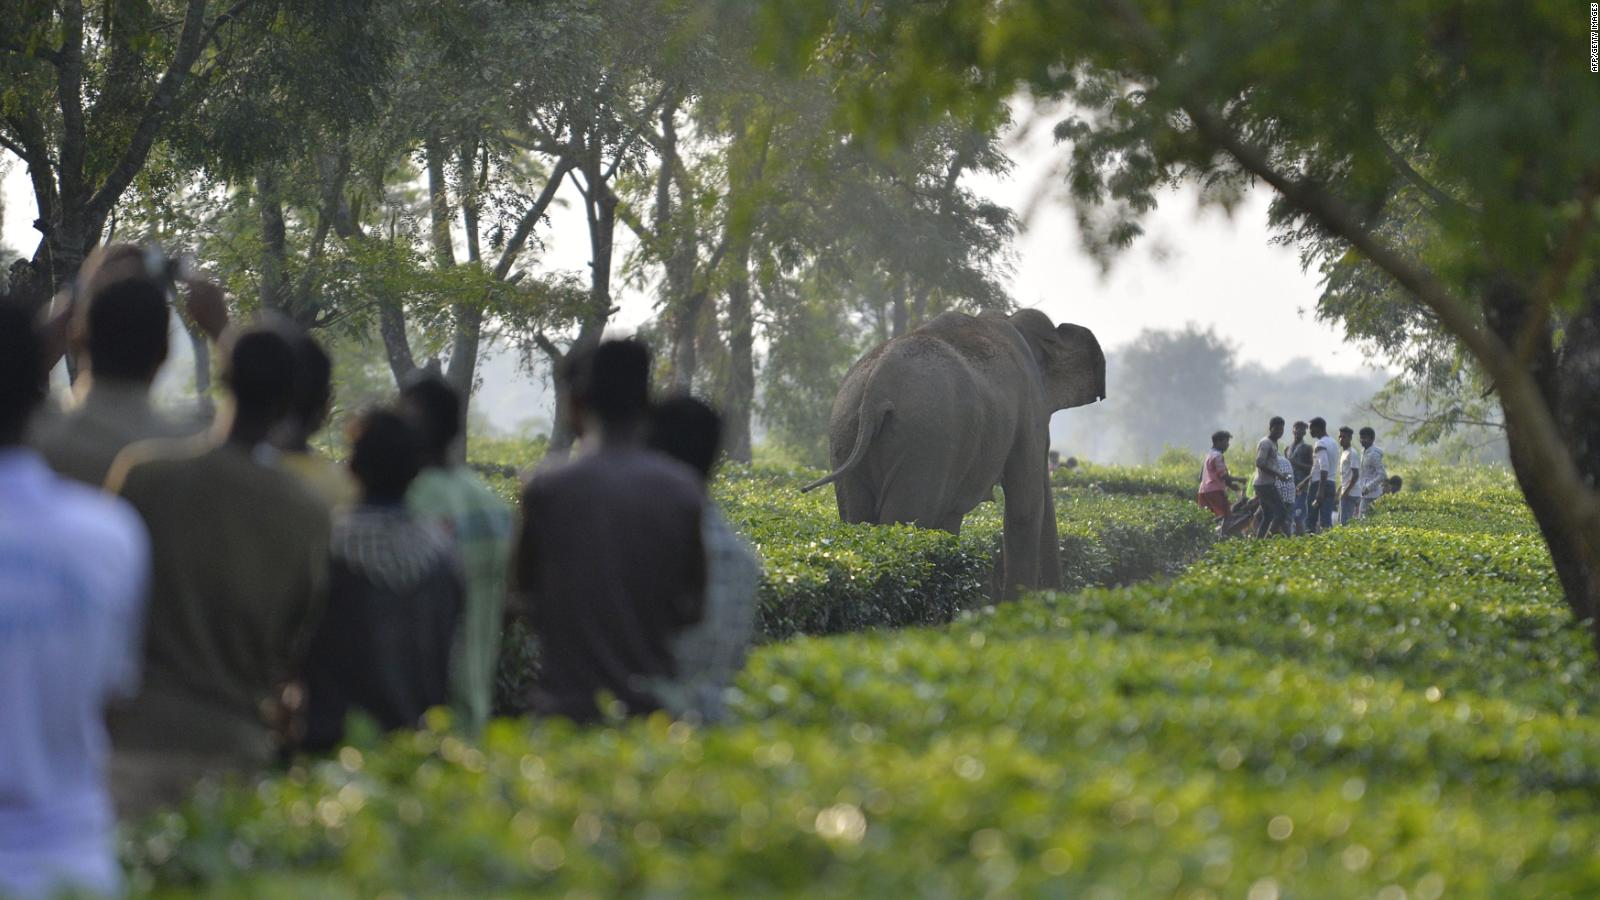 La India tiene la mayor población de elefantes asiáticos, pero ahora hay conflicto con las personas